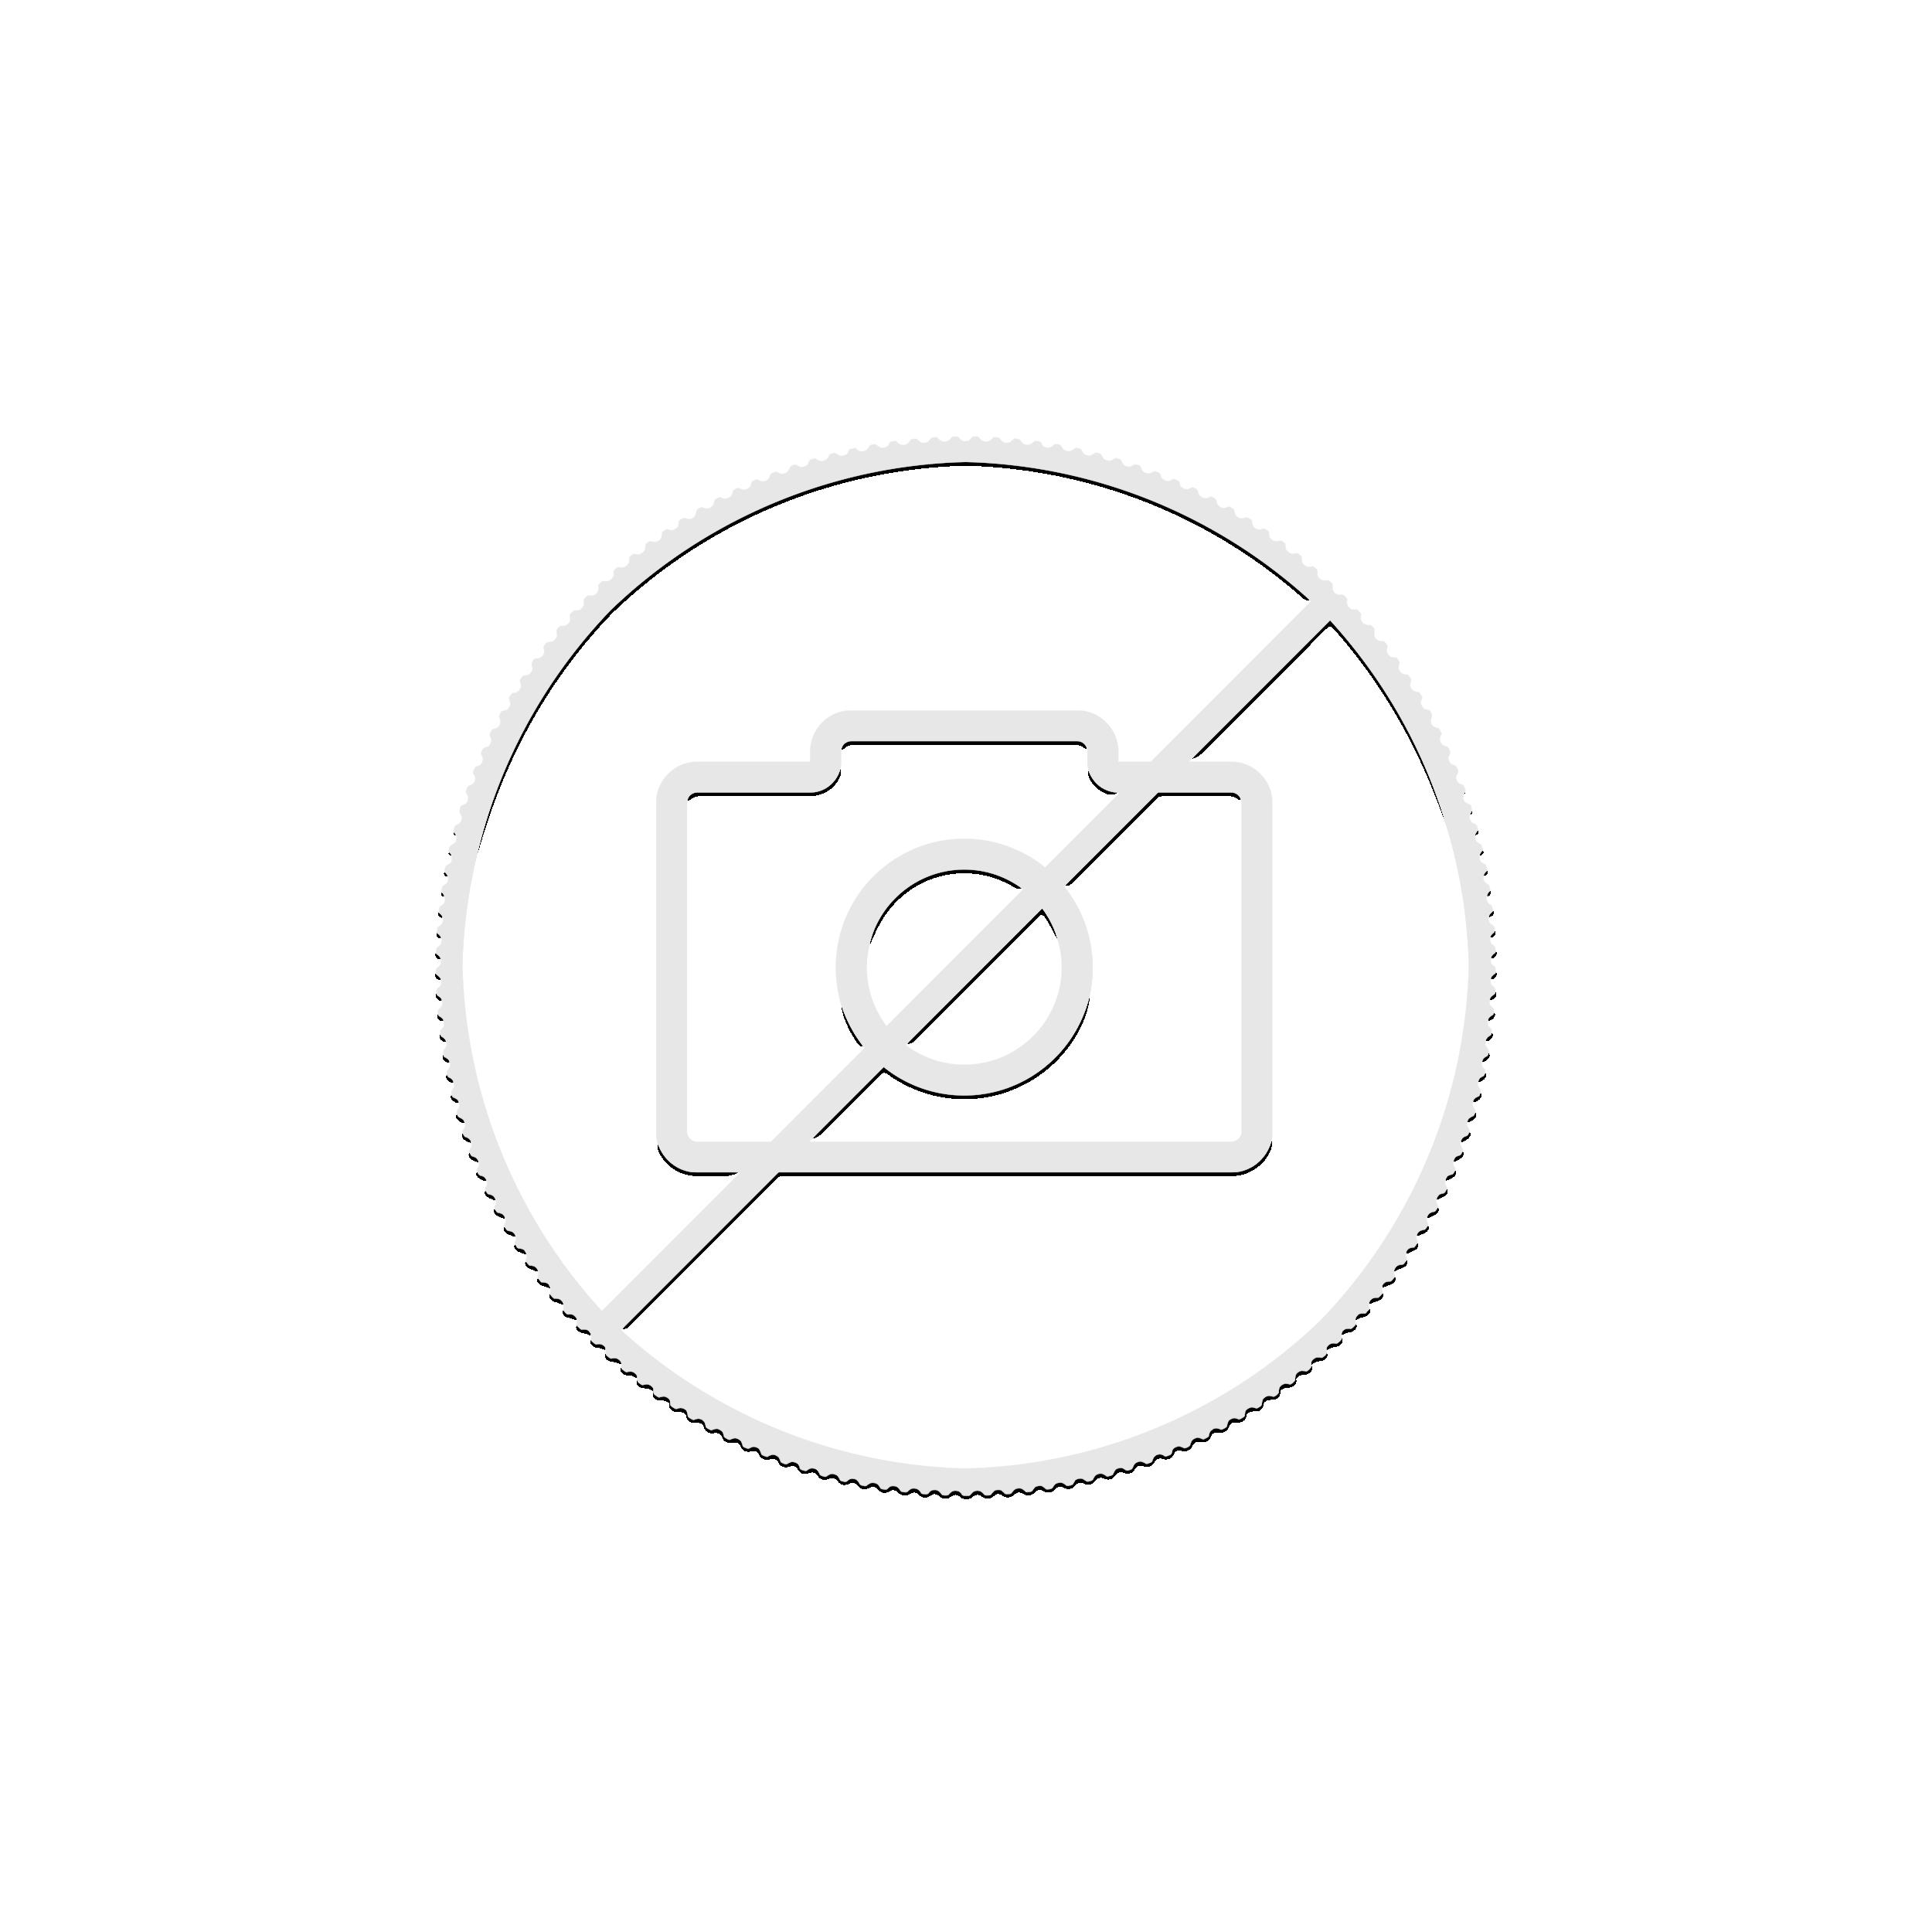 Birhstone Swarovski munt November 2020